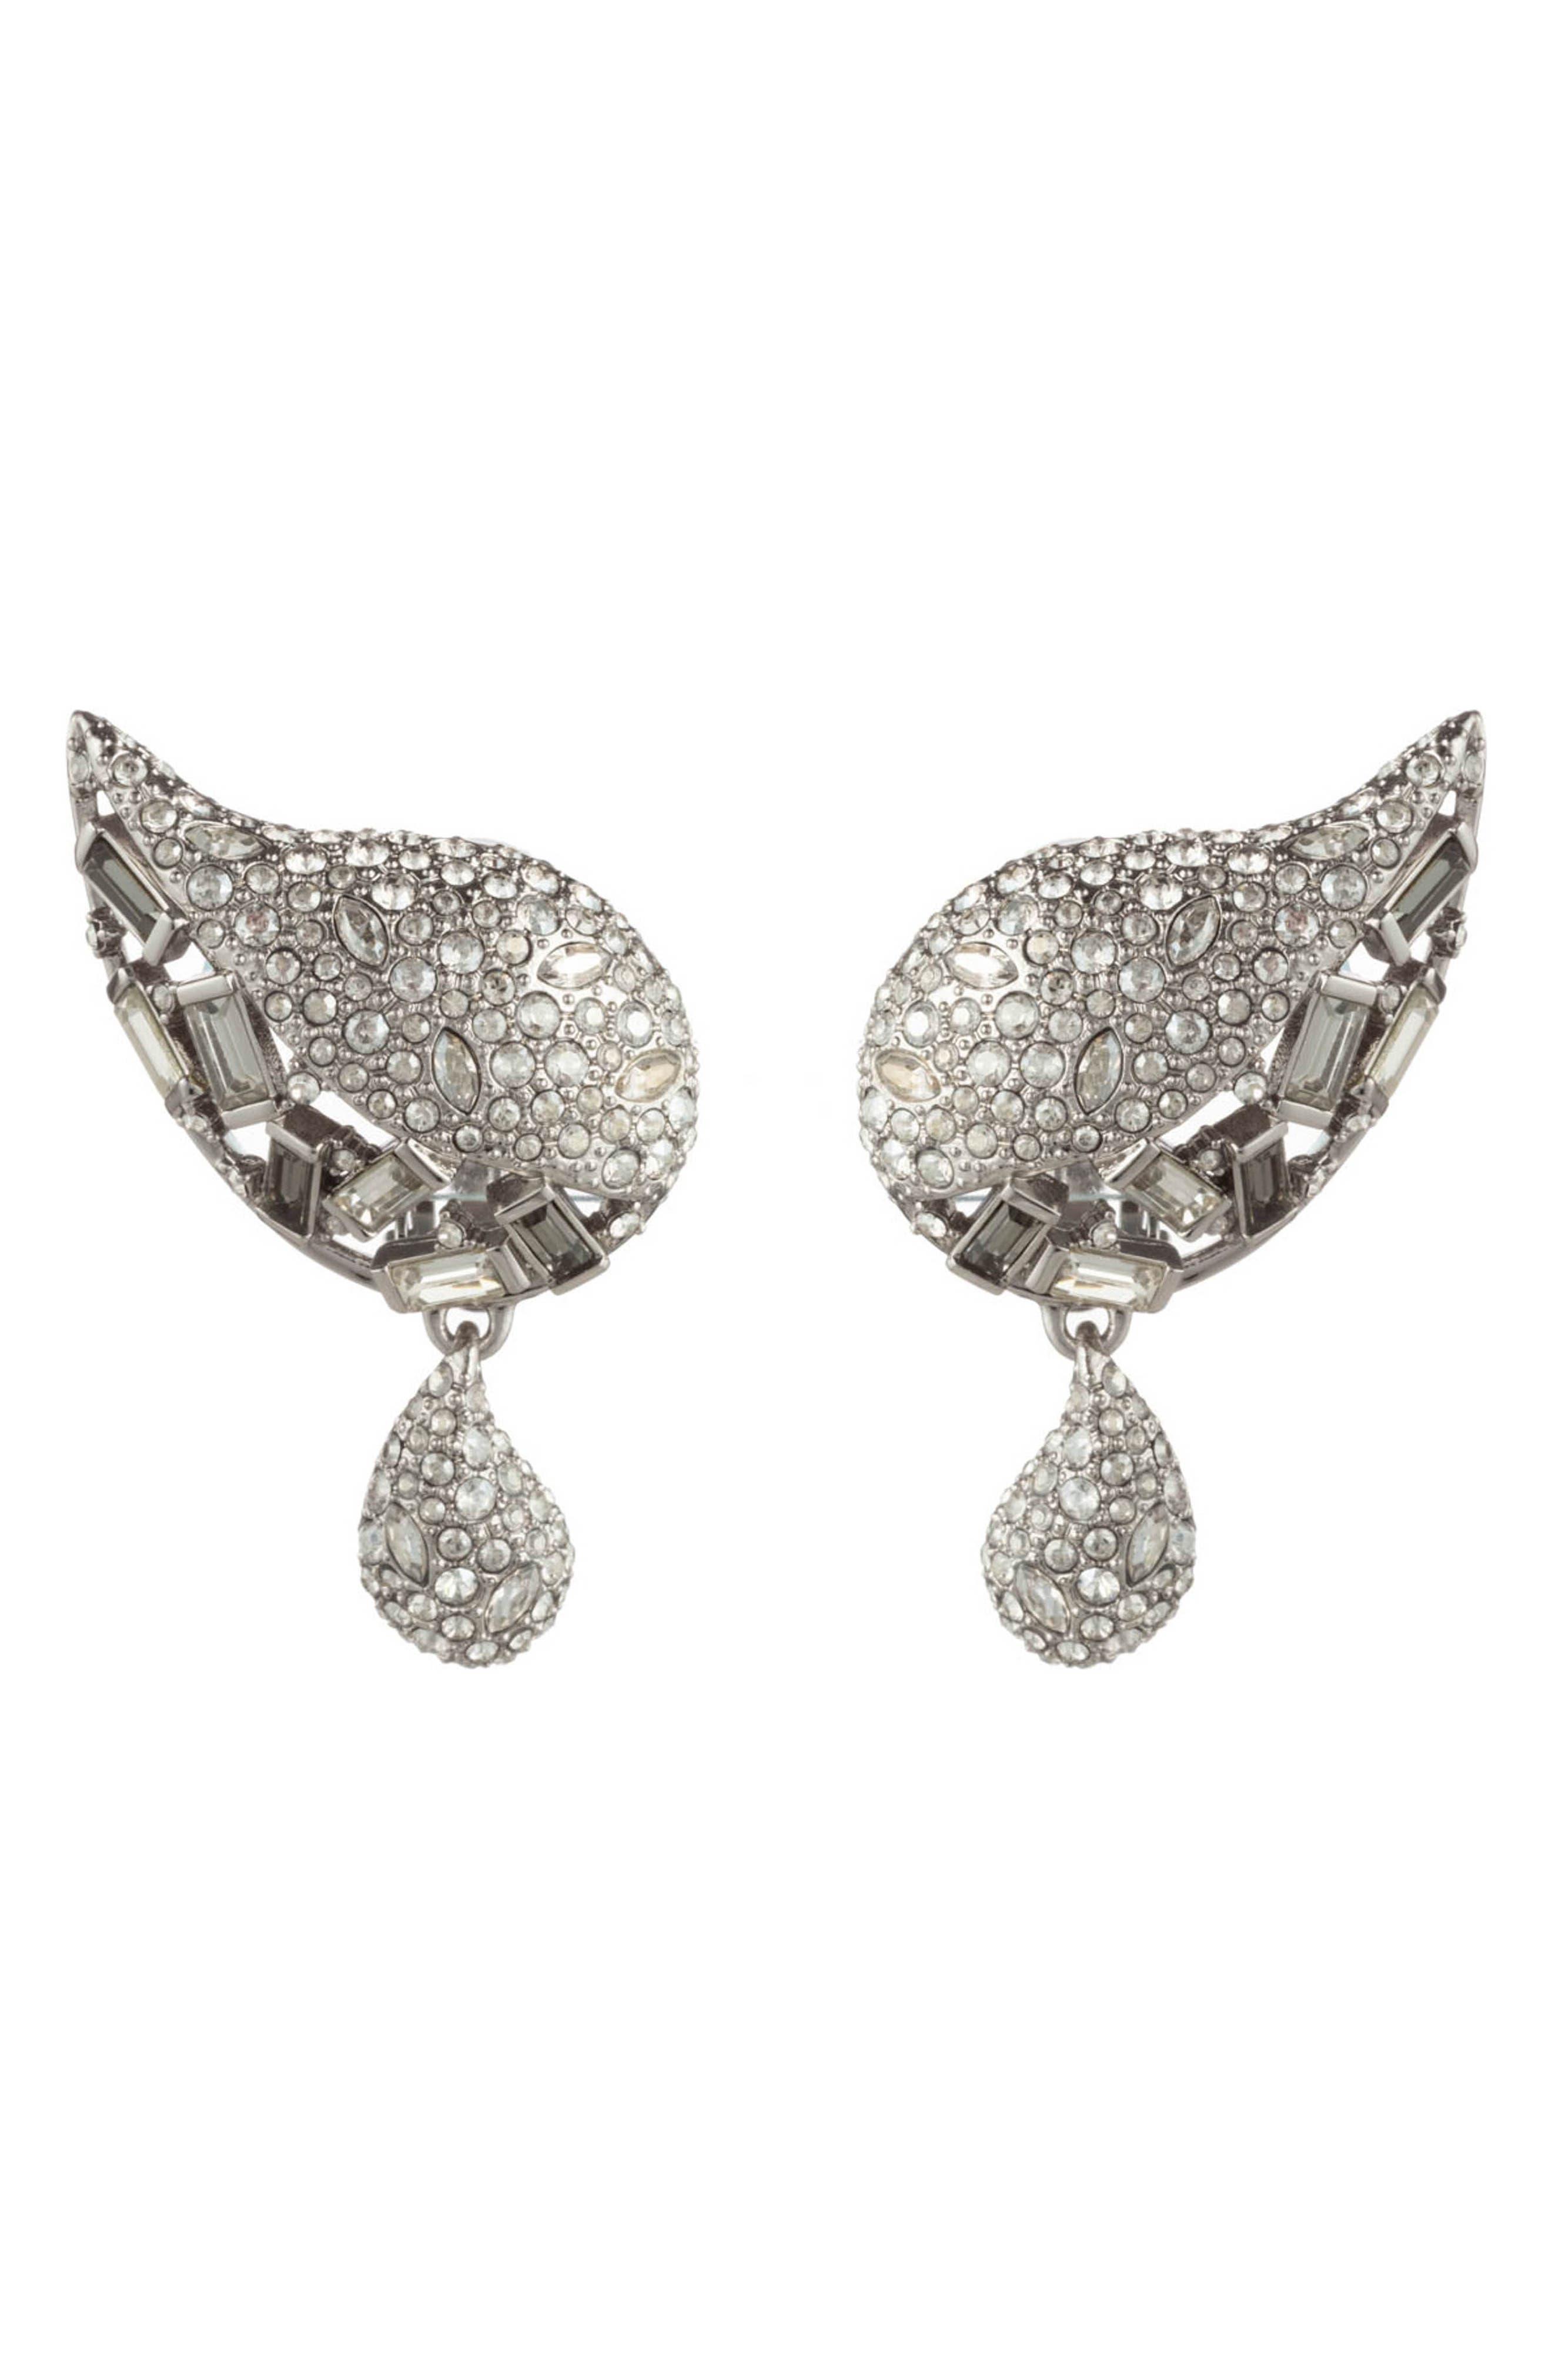 Winter Paisley Crystal Encrusted Drop Earrings